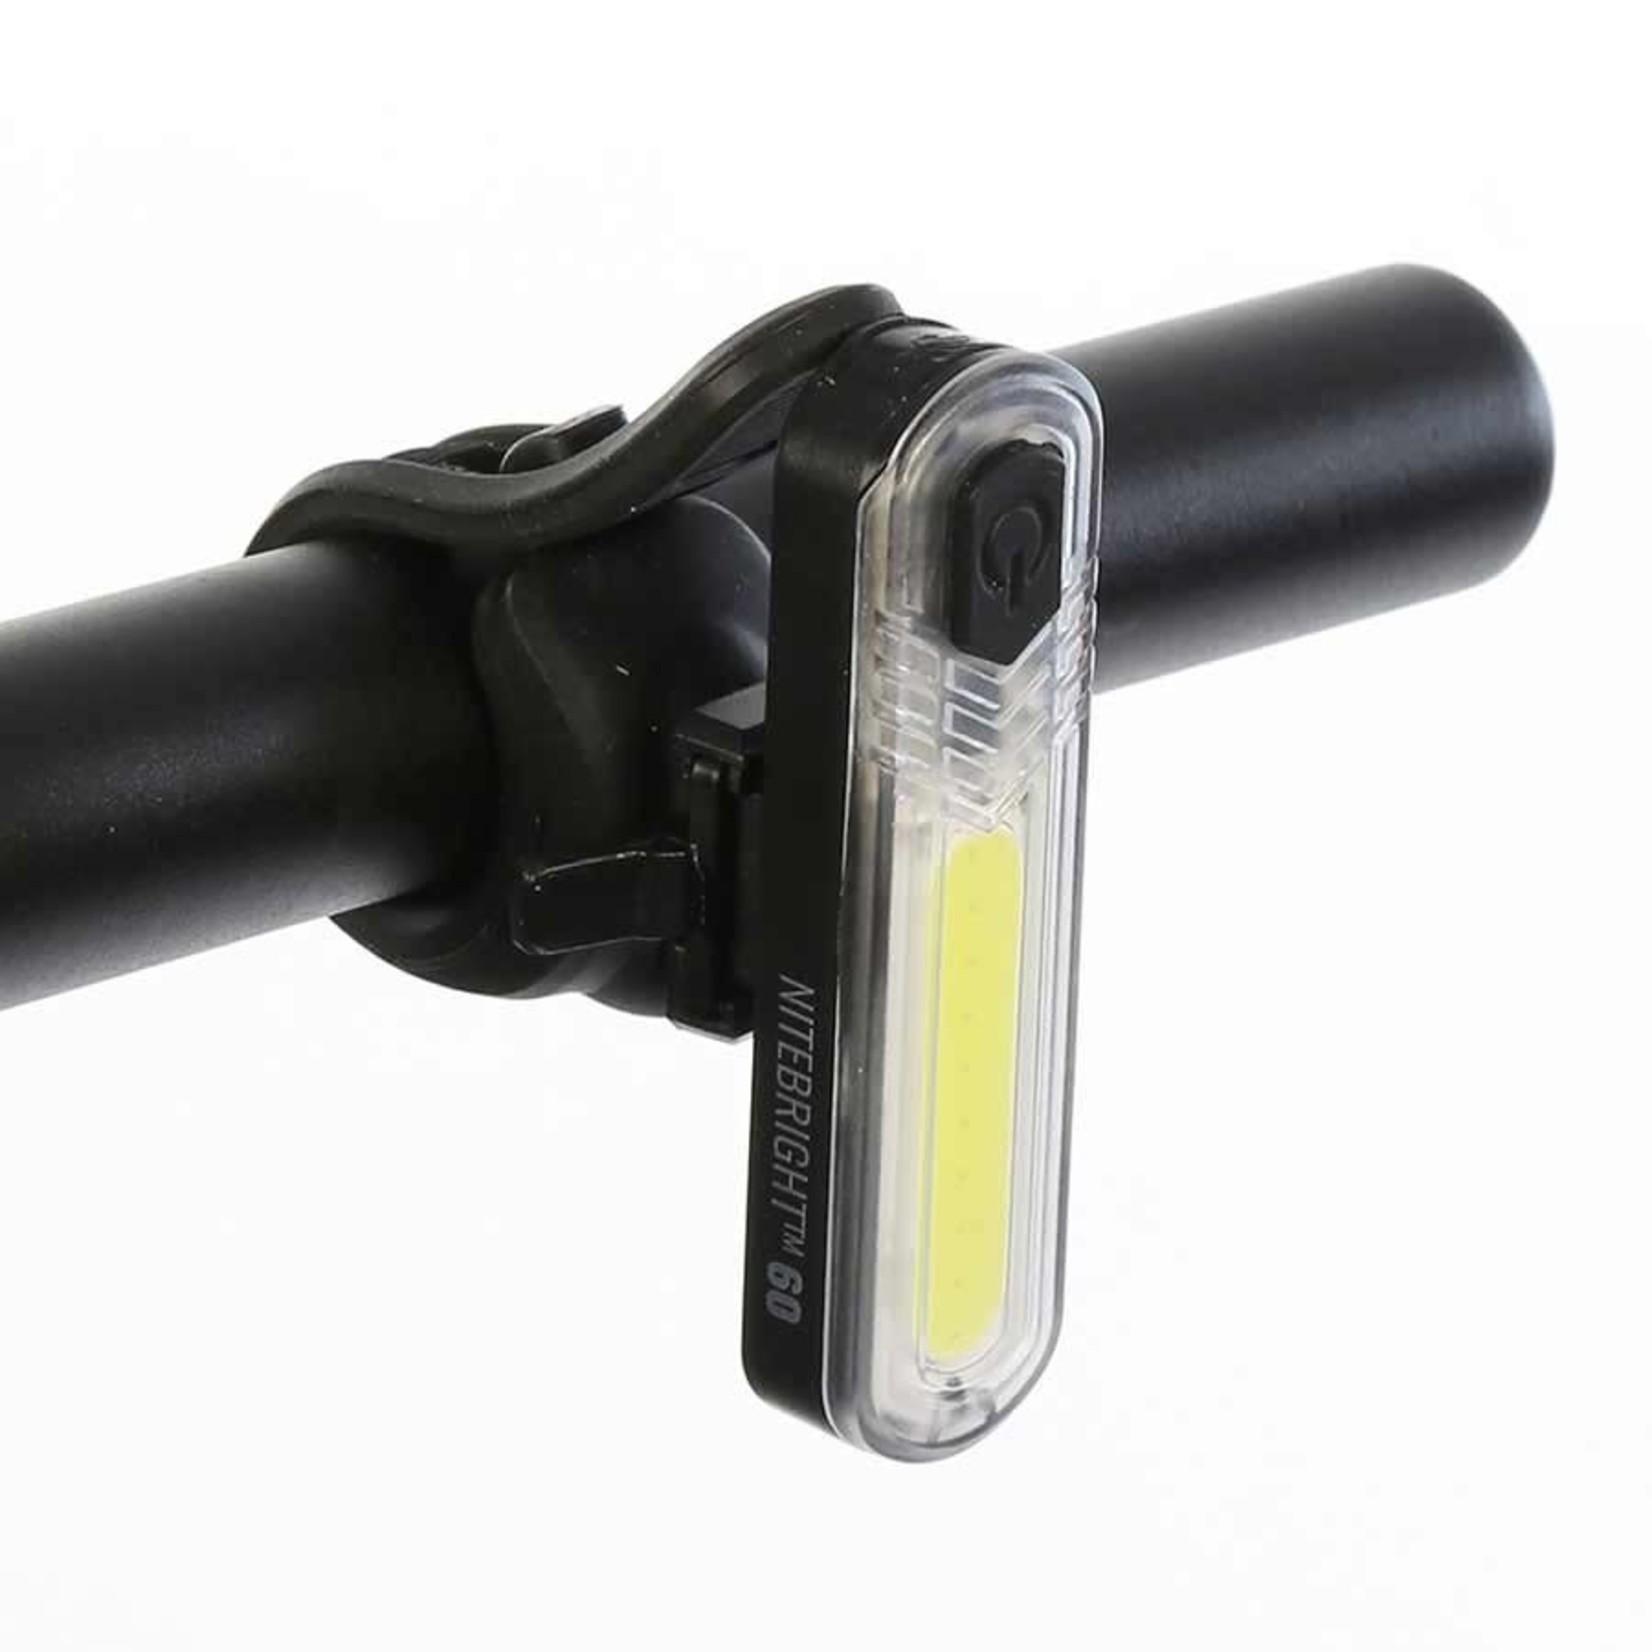 Evo Evo NiteBright 60 Headlight